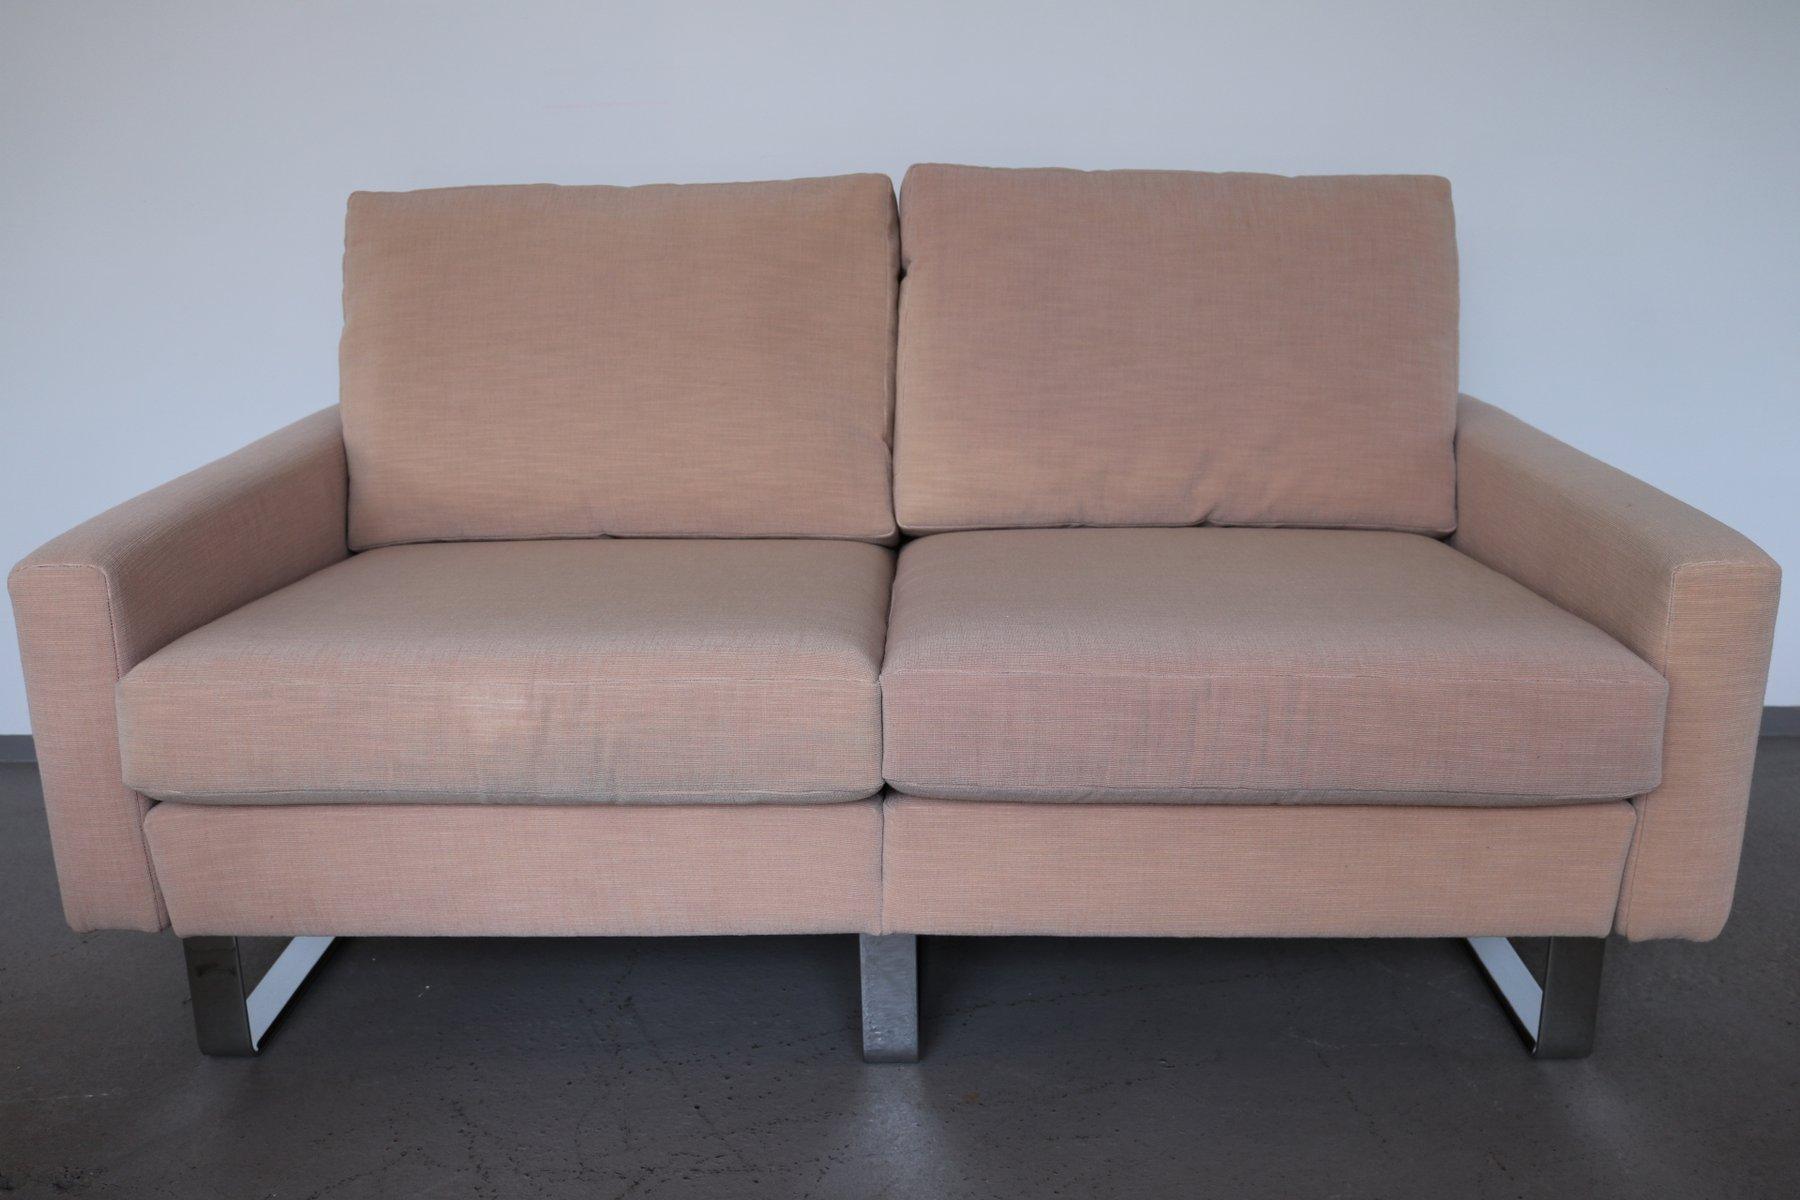 Poltrone divano e tavolino conseta di f w m ller per for Tavolino per divano